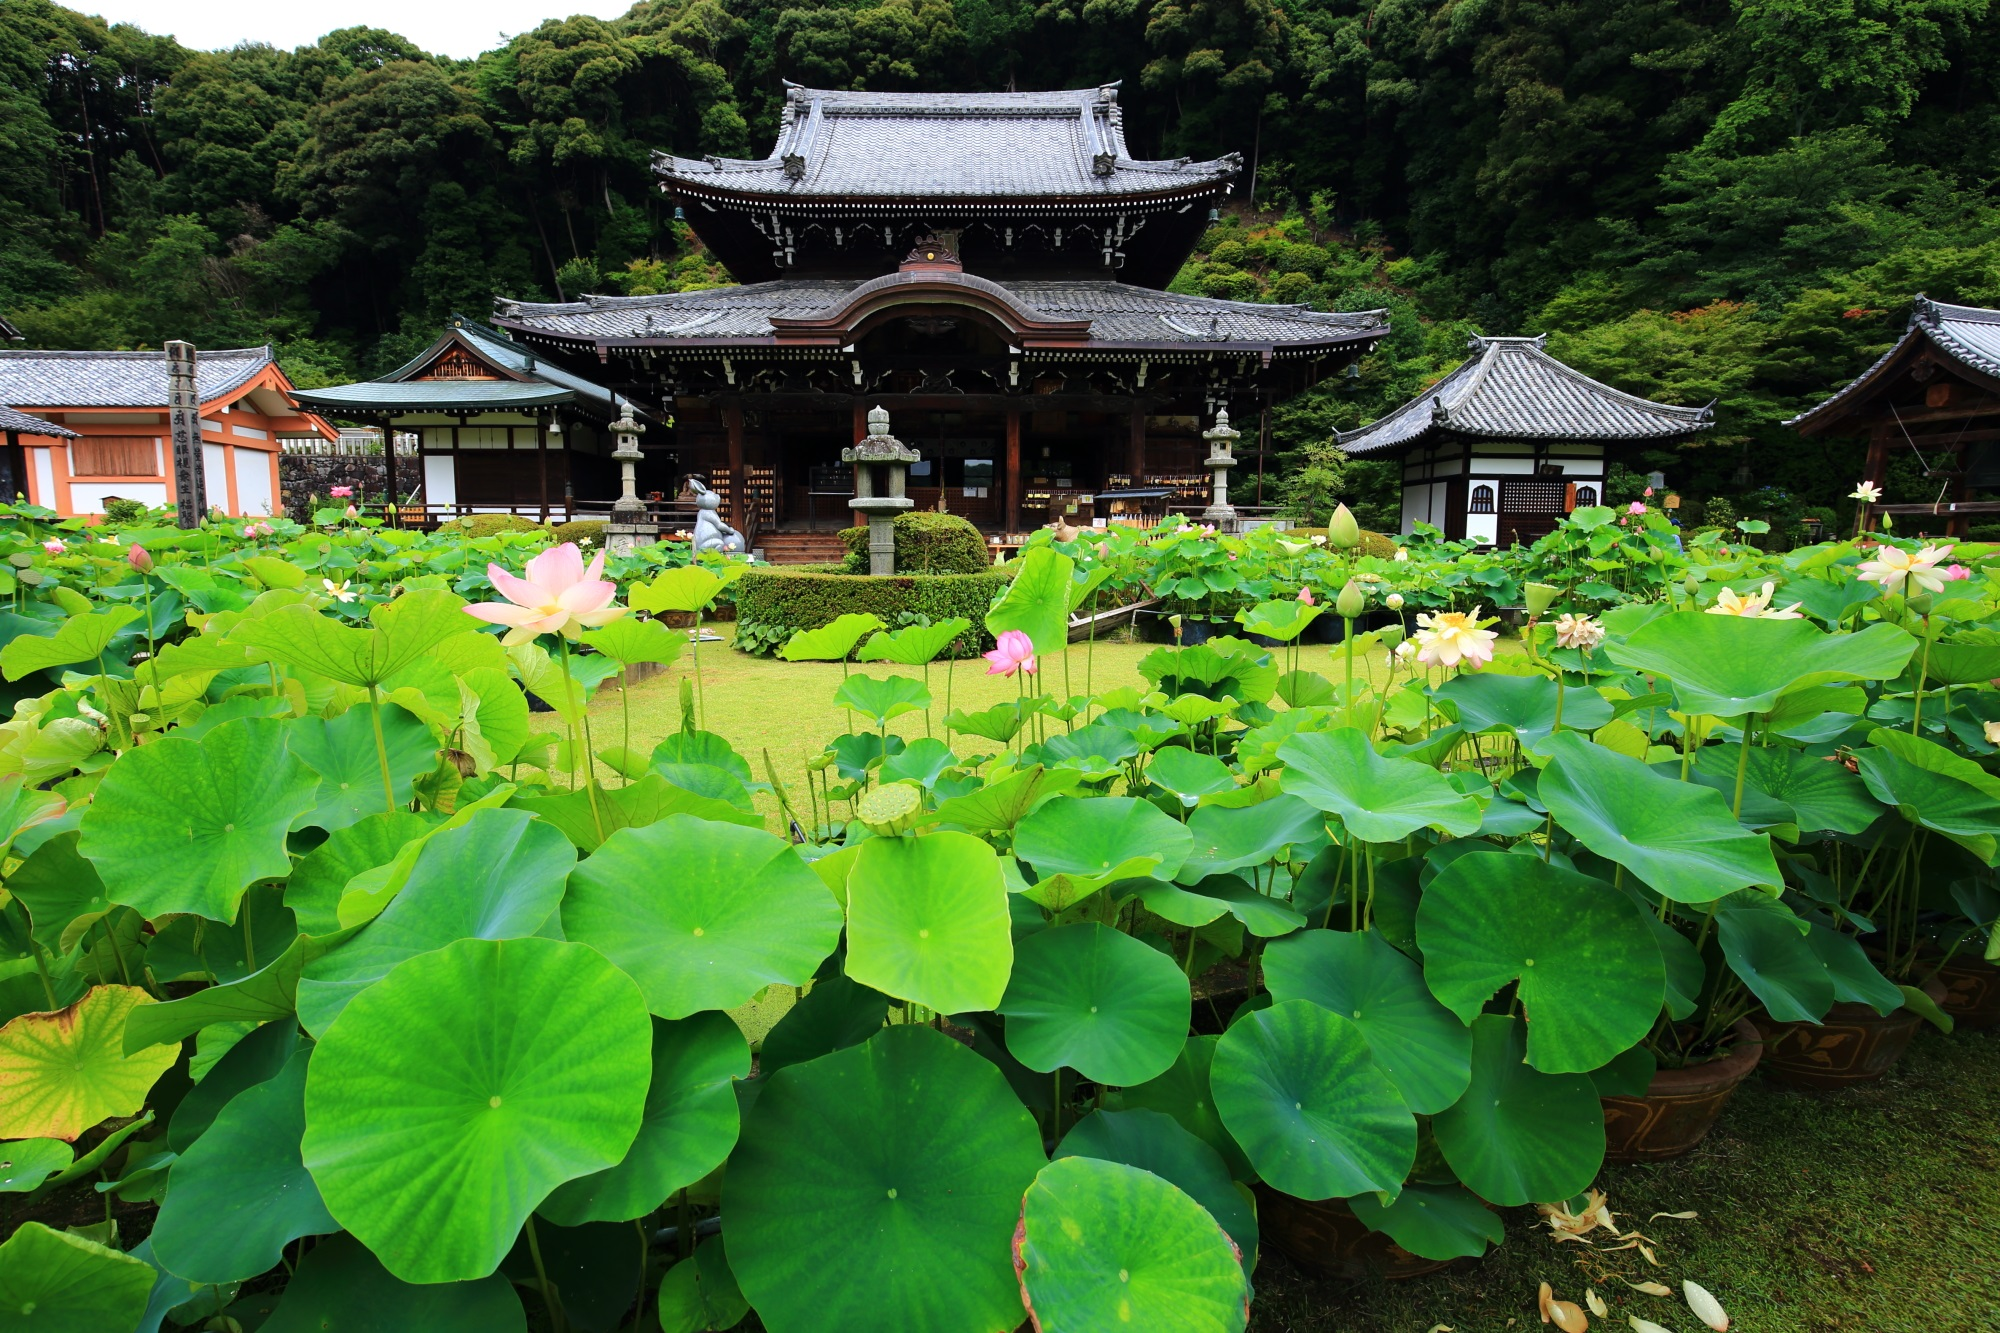 三室戸寺の本堂と見ごろをむかえた本堂前の蓮(はす)